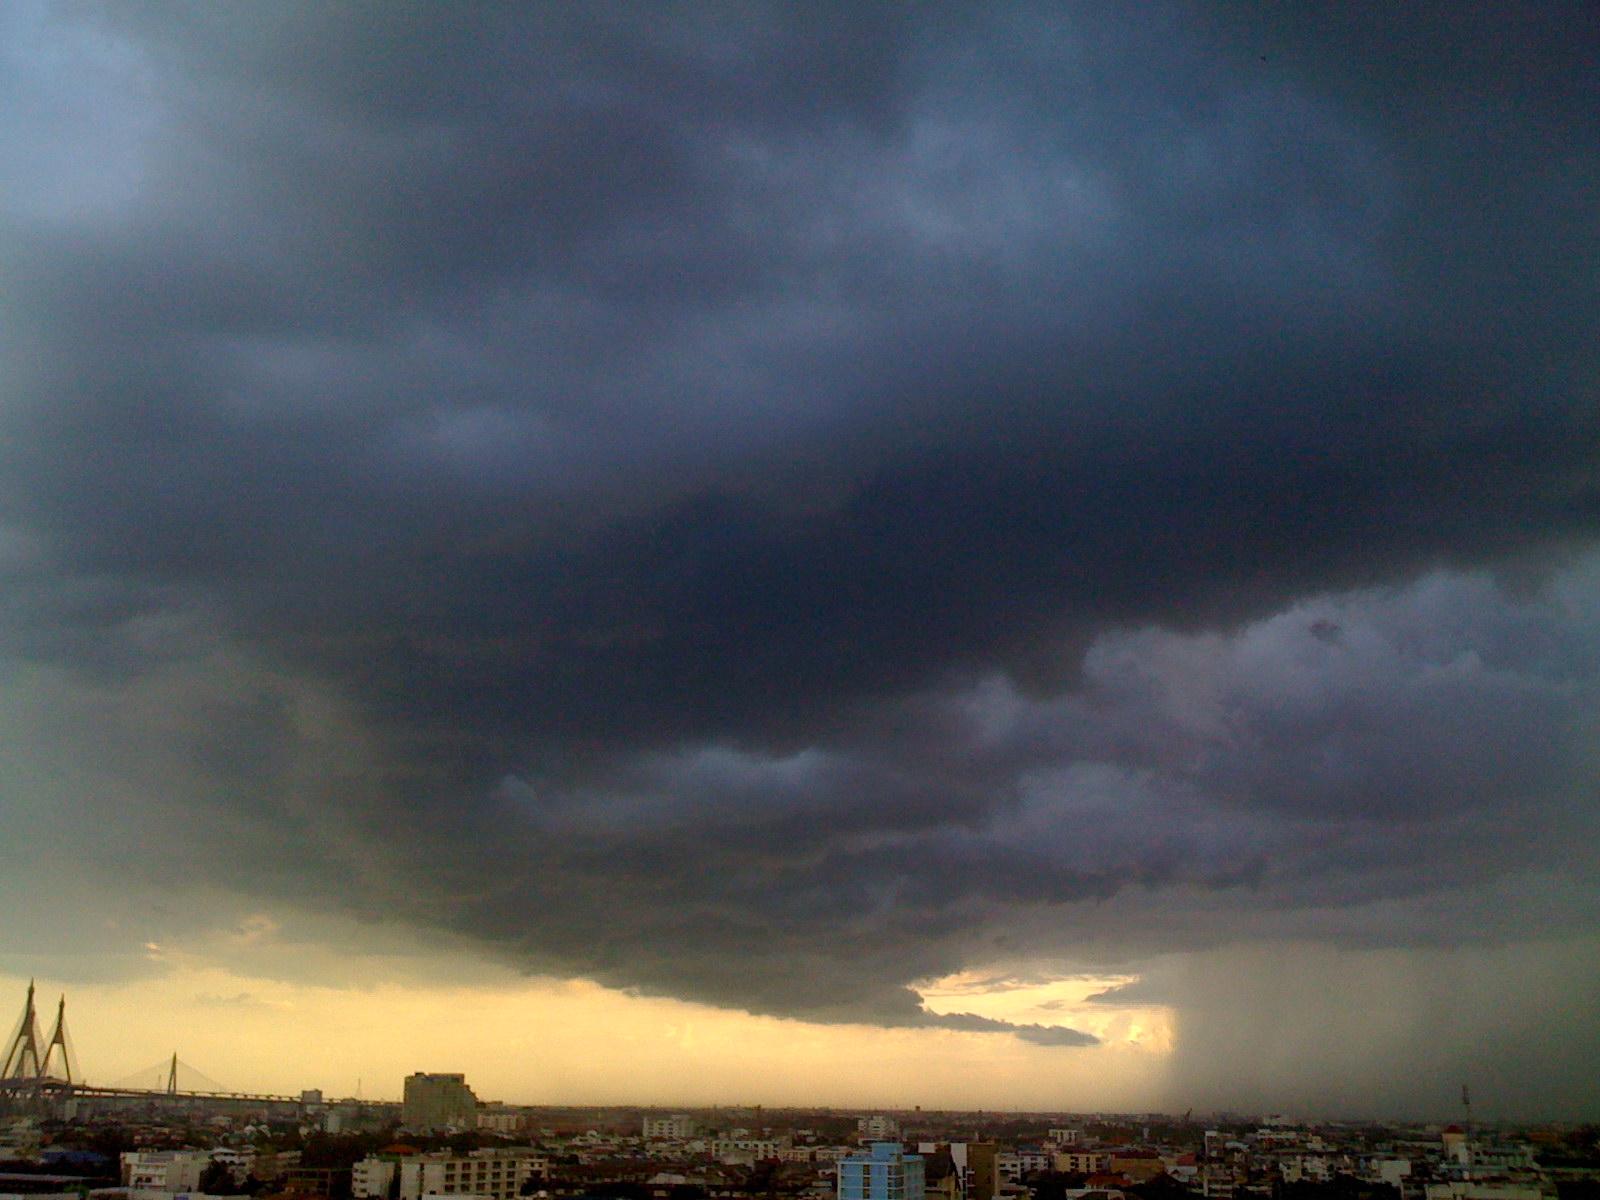 ท้องฟ้า เมฆพายุฝน เห็นสะพานวงแหวนอุตสาหกรรม